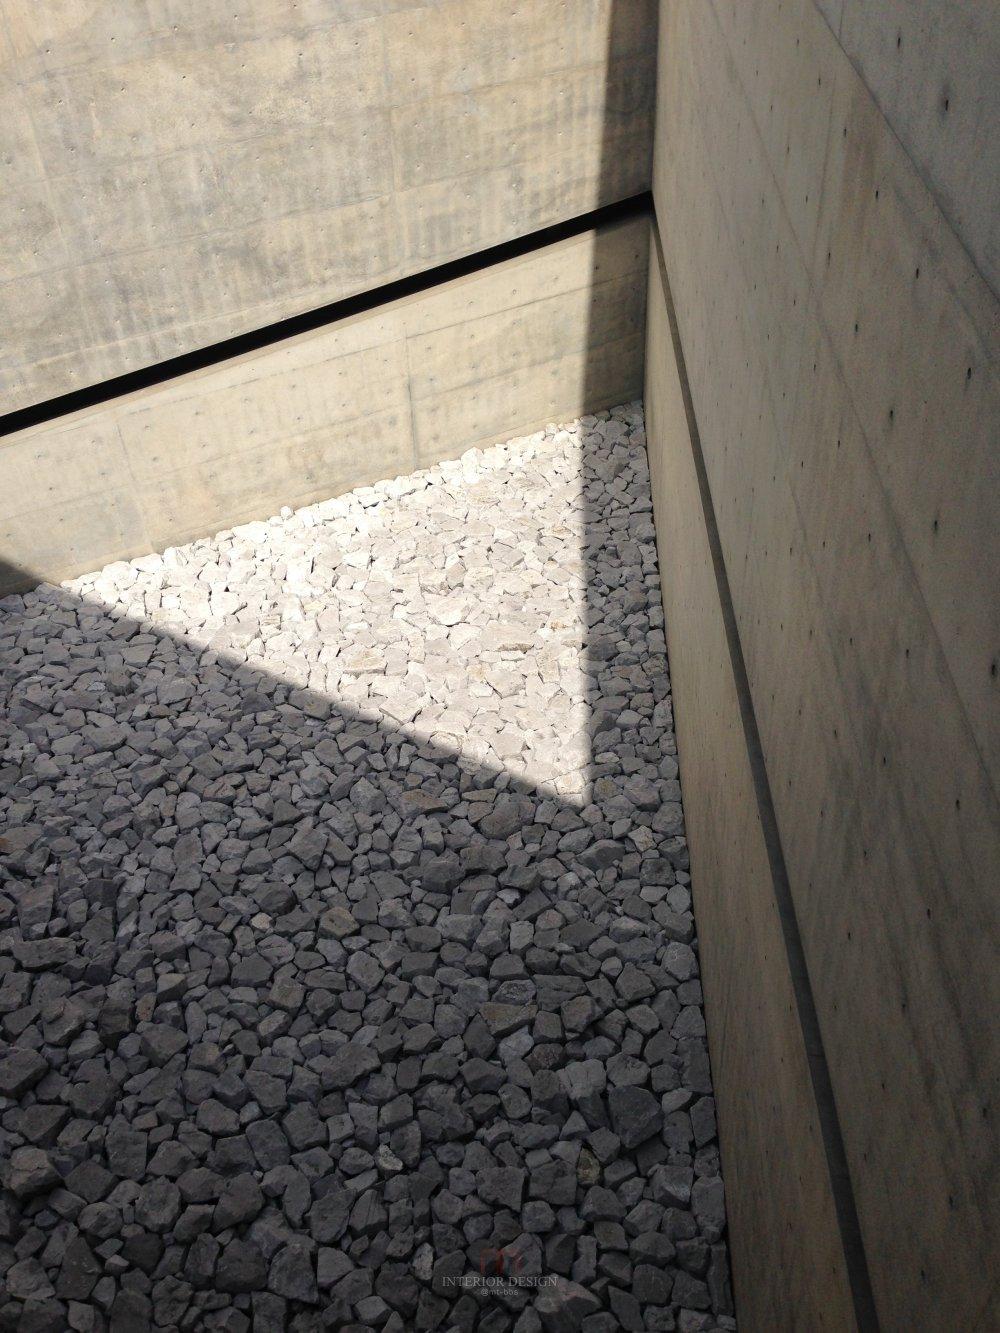 #伙伴一起看日本#  日本设计考察分享(更新美秀美术馆)_IMG_5415.JPG